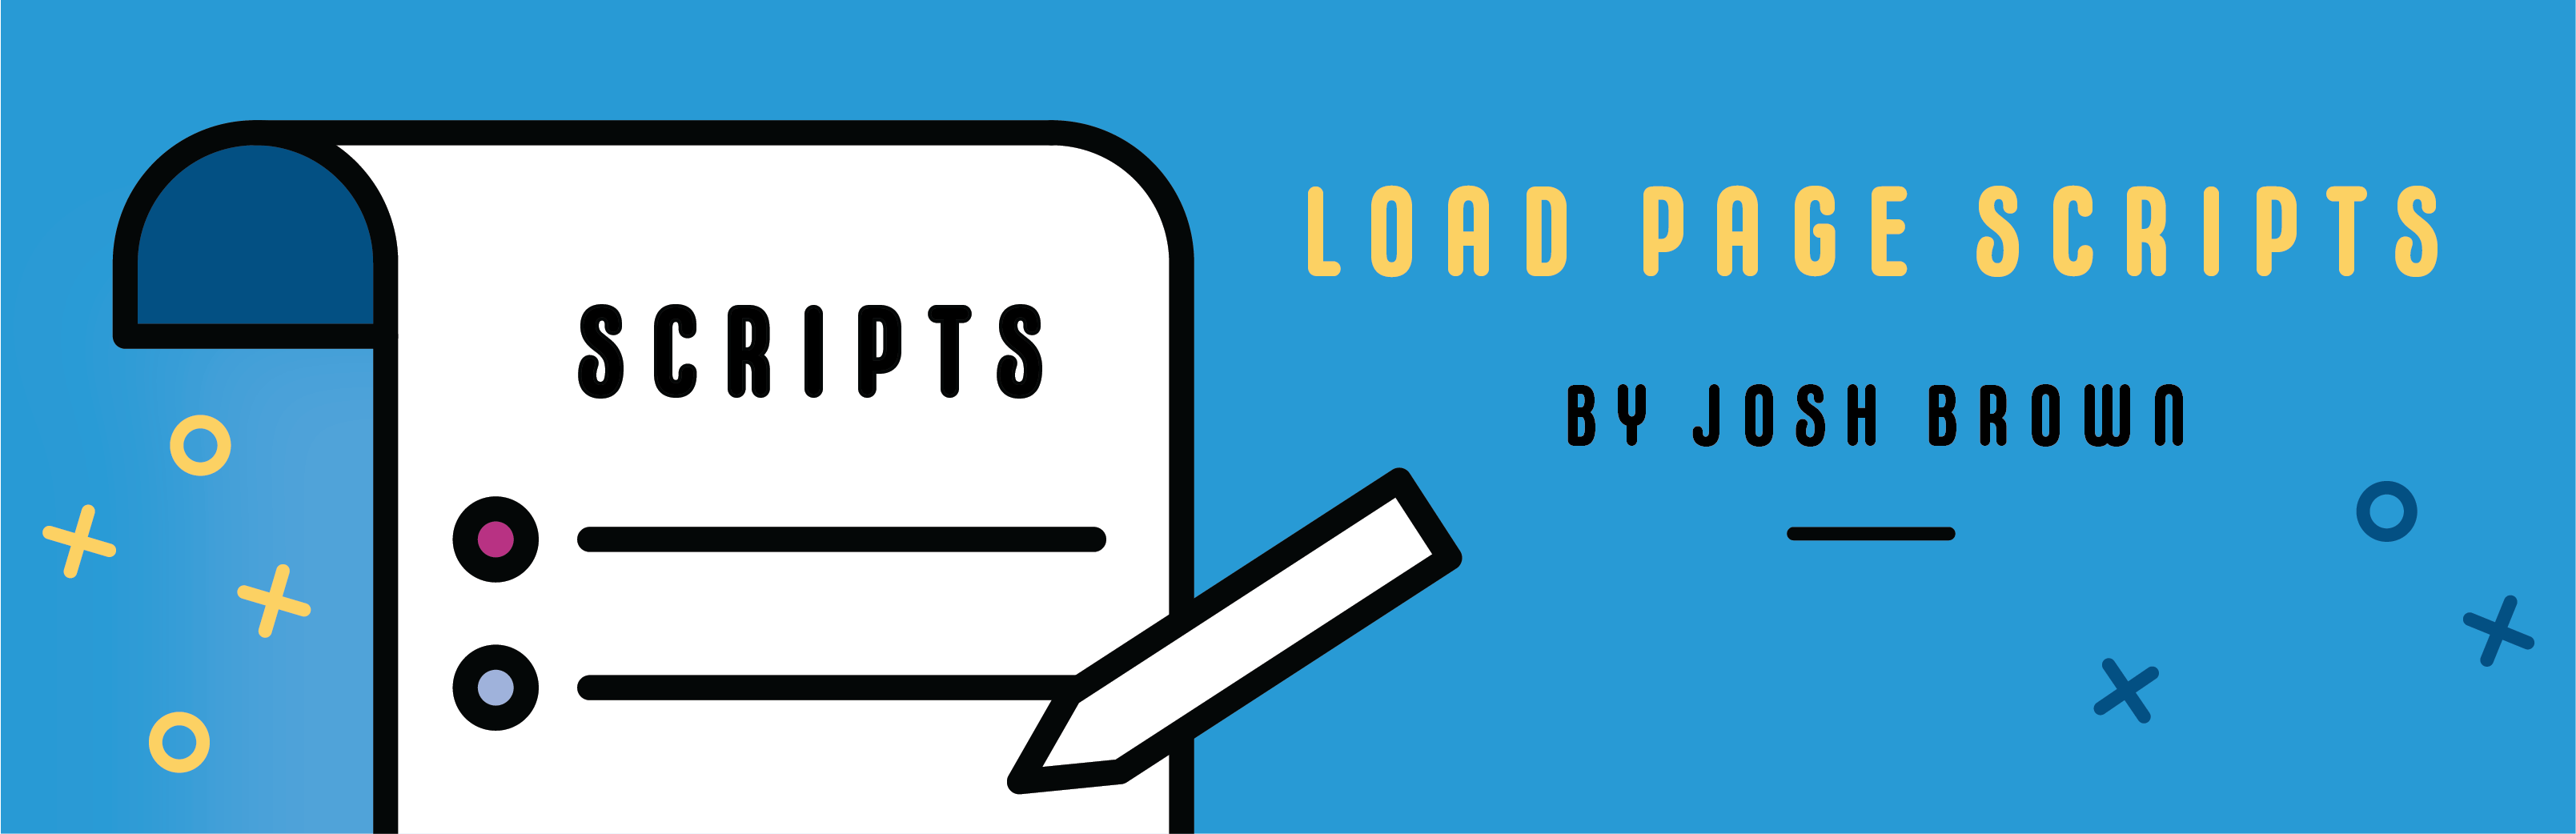 WordPress Admin Loaded Display Plugin Banner Image